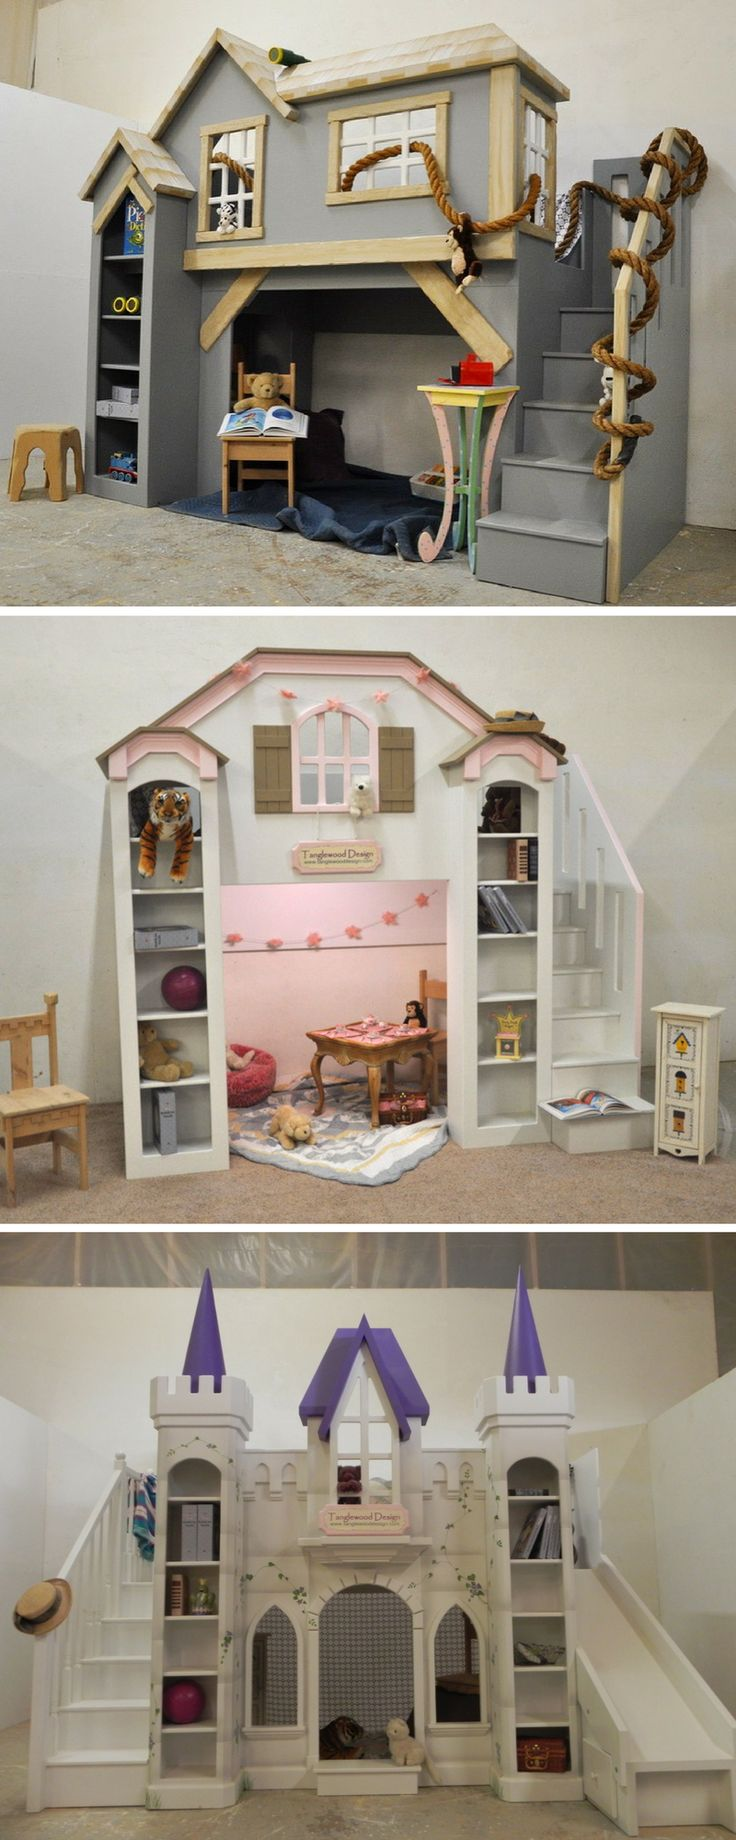 Best 25 Mezzanine Bed Ideas On Pinterest: Best 25+ Bunk Bed Fort Ideas On Pinterest